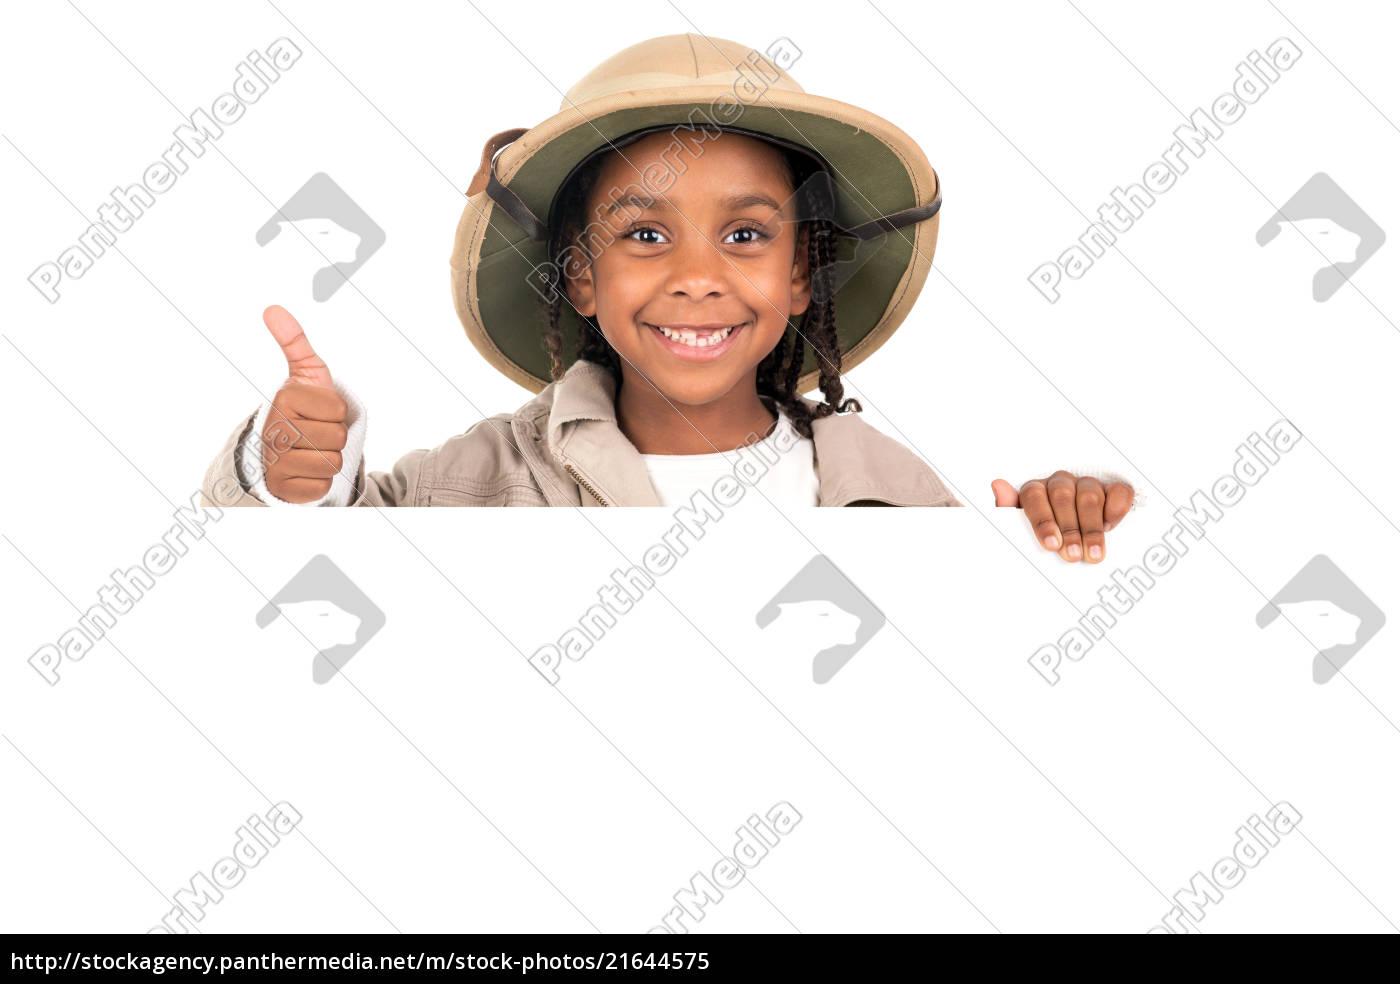 5ae2b68ccaa02 Girl in safari costume - Stock Photo -  21644575 - PantherMedia ...